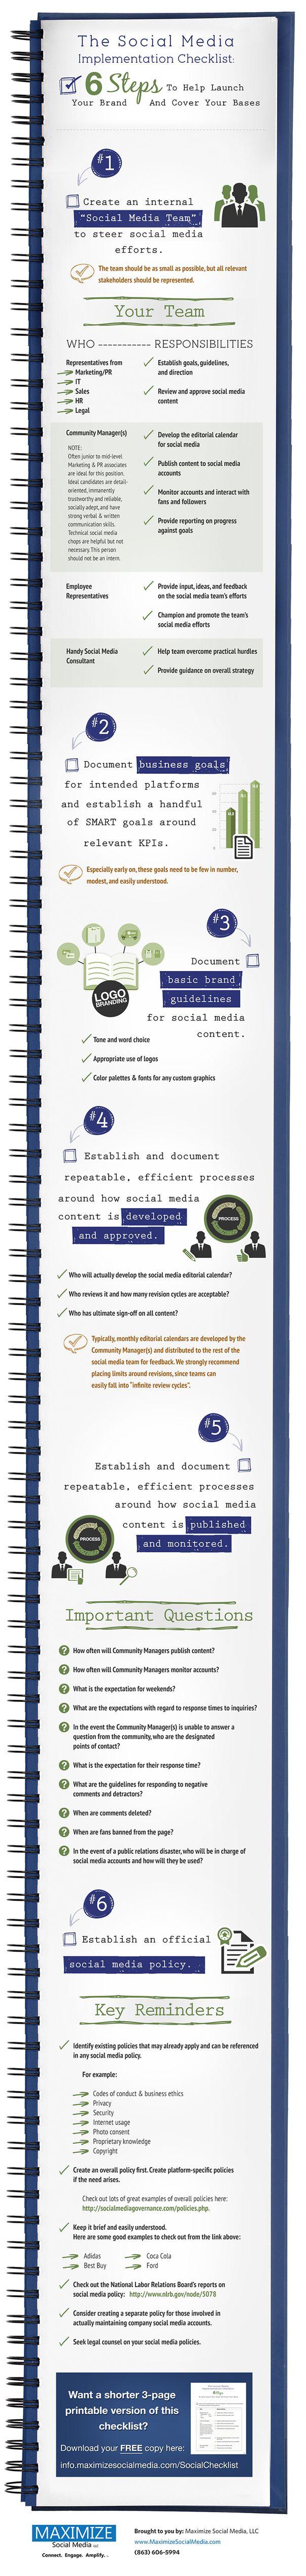 Social Media Implementation Checklist - #Infographic #SocialMedia